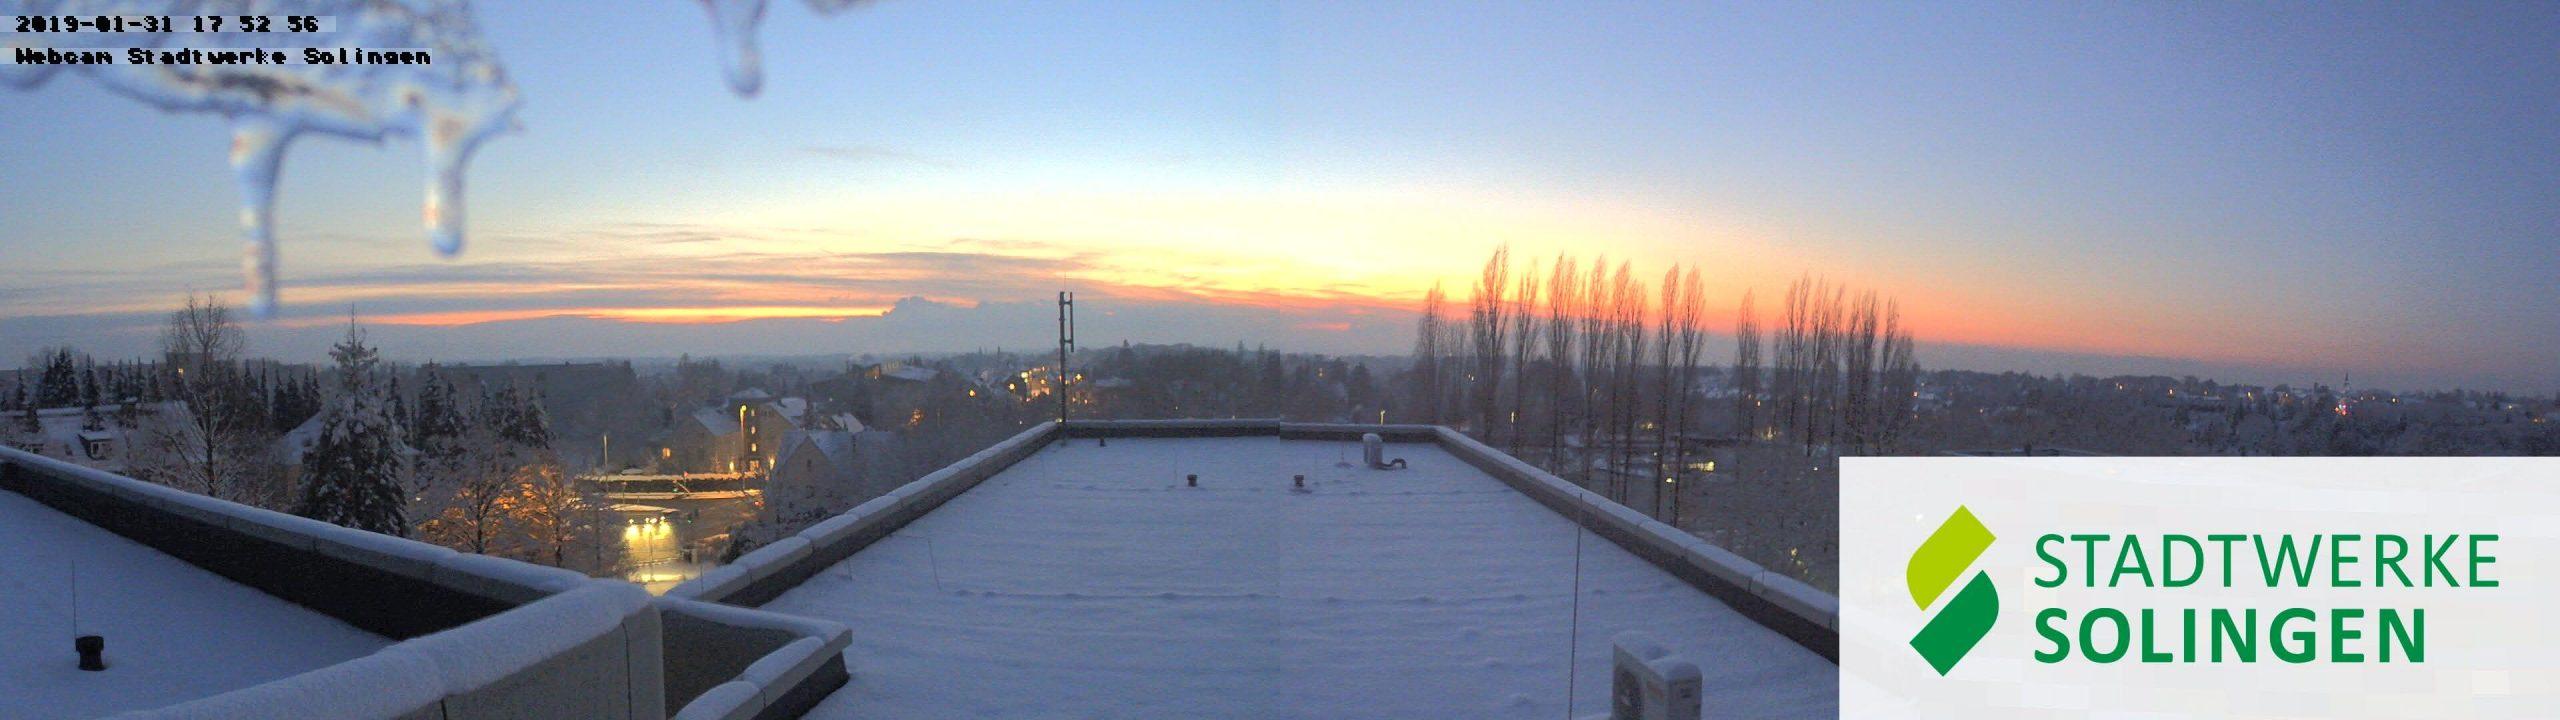 Webcam Solingen 2019